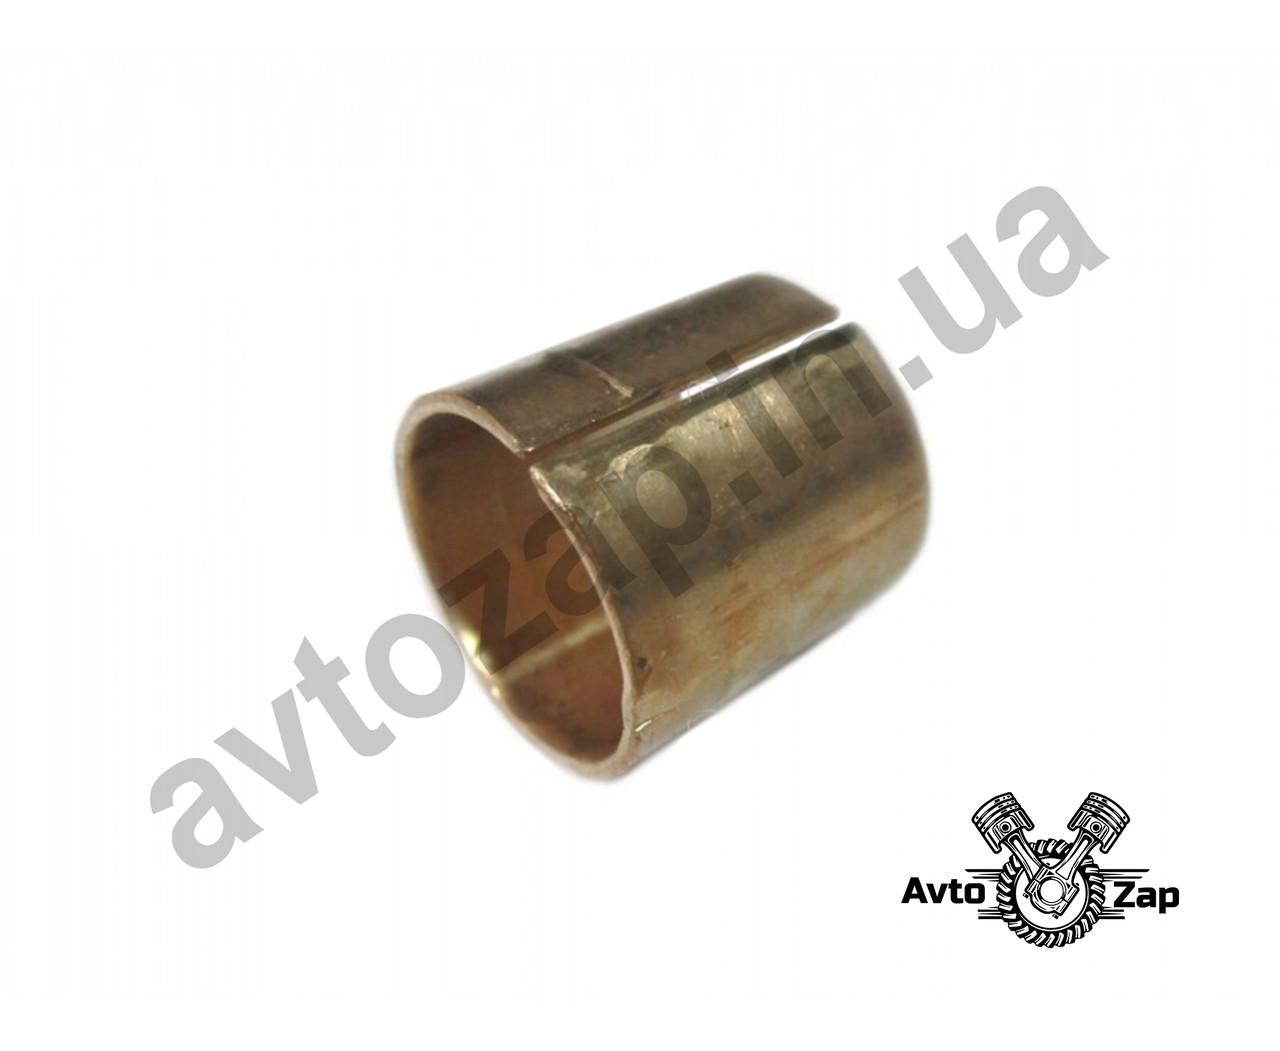 Втулка рулевого вала сошки Москвич 412